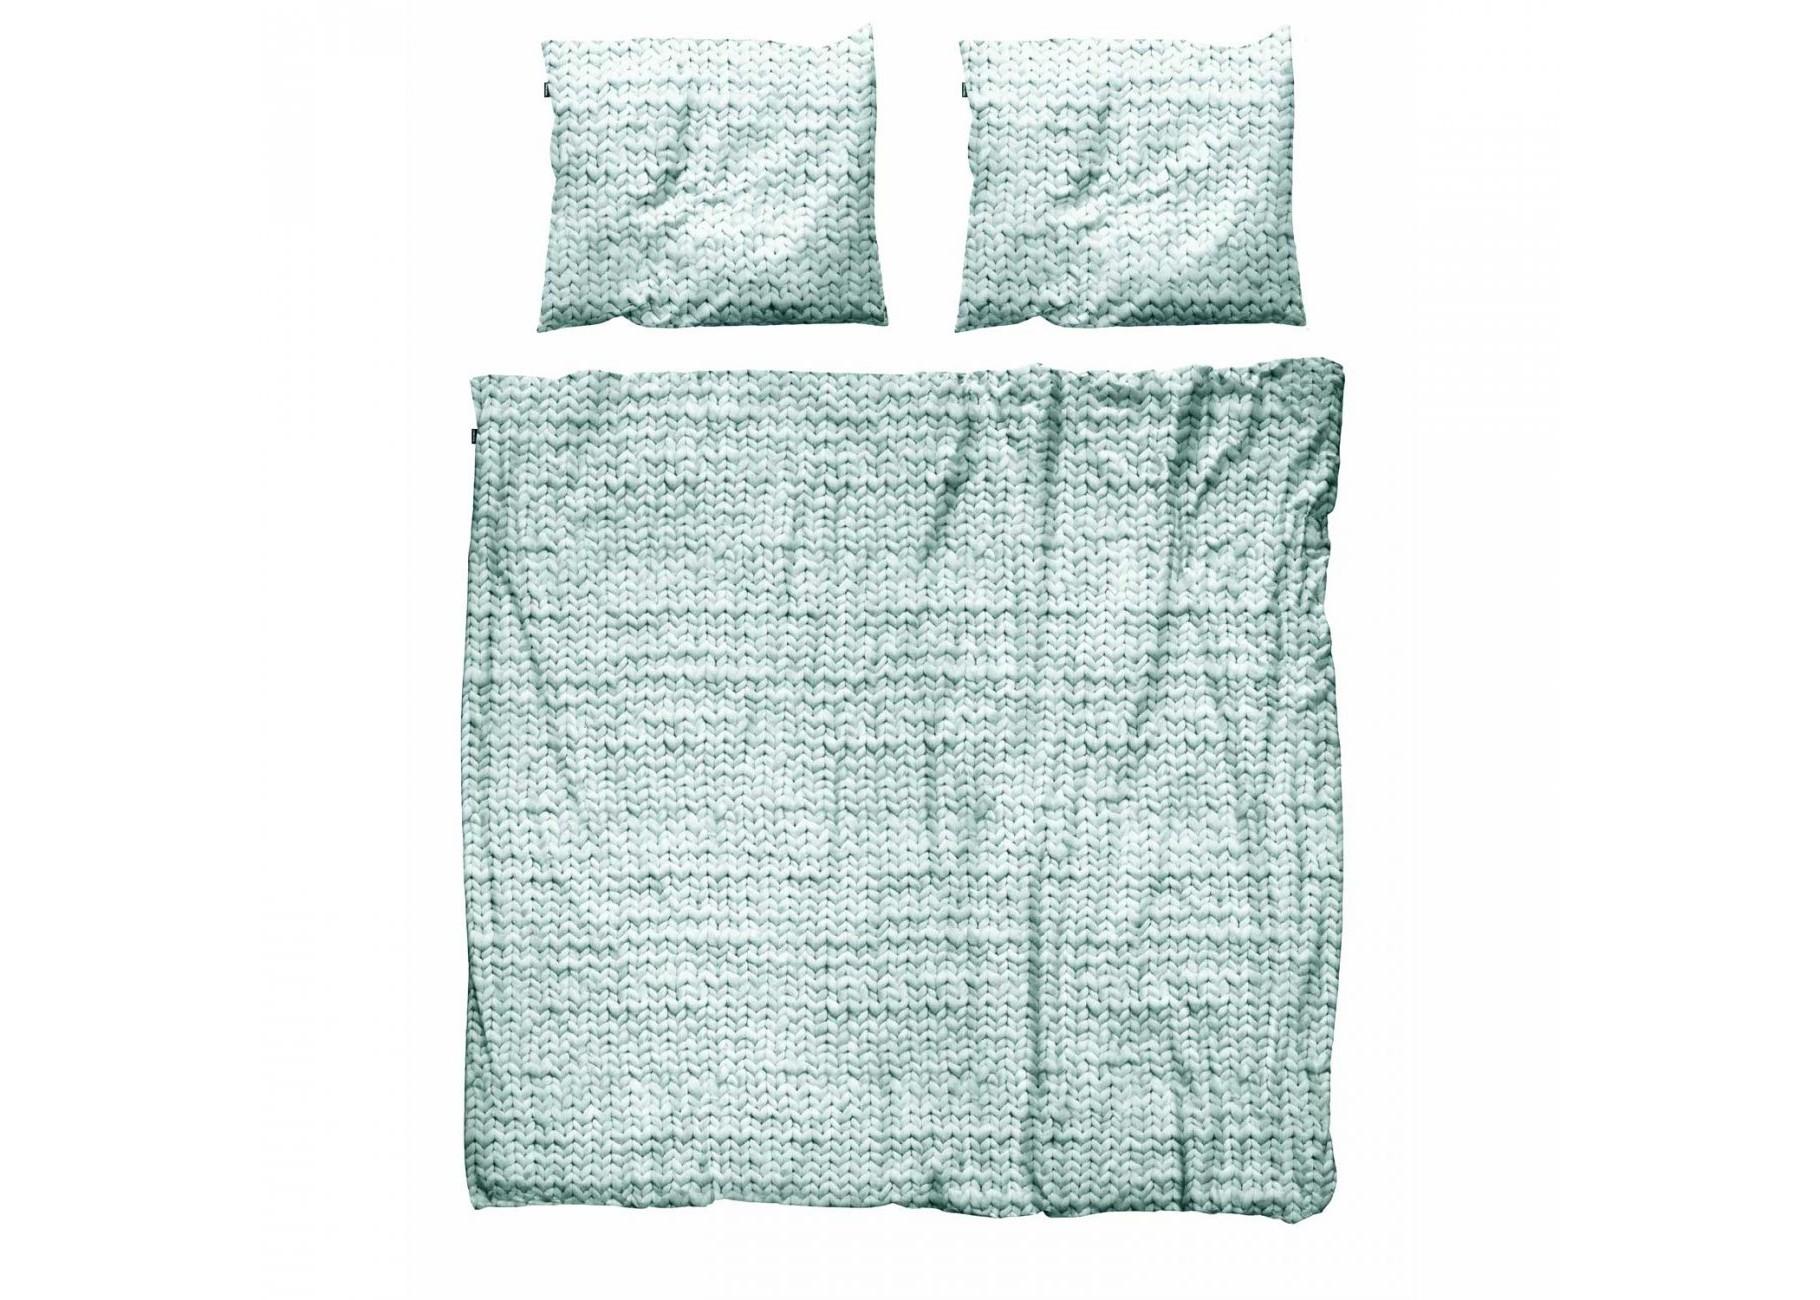 Комплект постельного белья Косичка зеленый ФЛАНЕЛЬДвуспальные комплекты постельного белья<br>Этот мягкий узор связан очень большими спицами, а клубки шерсти были размером с баскетбольные мячи. Все для того, чтобы внести уют и тепло в вашу спальню в холодные зимние ночи.&amp;amp;nbsp;&amp;lt;div&amp;gt;&amp;lt;br&amp;gt;&amp;lt;/div&amp;gt;&amp;lt;div&amp;gt;Материал: ФЛАНЕЛЬ  .&amp;amp;nbsp;&amp;lt;div&amp;gt;&amp;lt;span style=&amp;quot;line-height: 1.78571;&amp;quot;&amp;gt;В комплект входит:&amp;amp;nbsp;&amp;lt;/span&amp;gt;&amp;lt;span style=&amp;quot;line-height: 1.78571;&amp;quot;&amp;gt;пододеяльник 200х220см - 1 шт,&amp;amp;nbsp;&amp;lt;/span&amp;gt;&amp;lt;span style=&amp;quot;line-height: 1.78571;&amp;quot;&amp;gt;наволочка 50х70см - 2 шт.&amp;lt;/span&amp;gt;&amp;lt;br&amp;gt;&amp;lt;/div&amp;gt;&amp;lt;/div&amp;gt;<br><br>Material: Текстиль<br>Length см: 220<br>Width см: 200